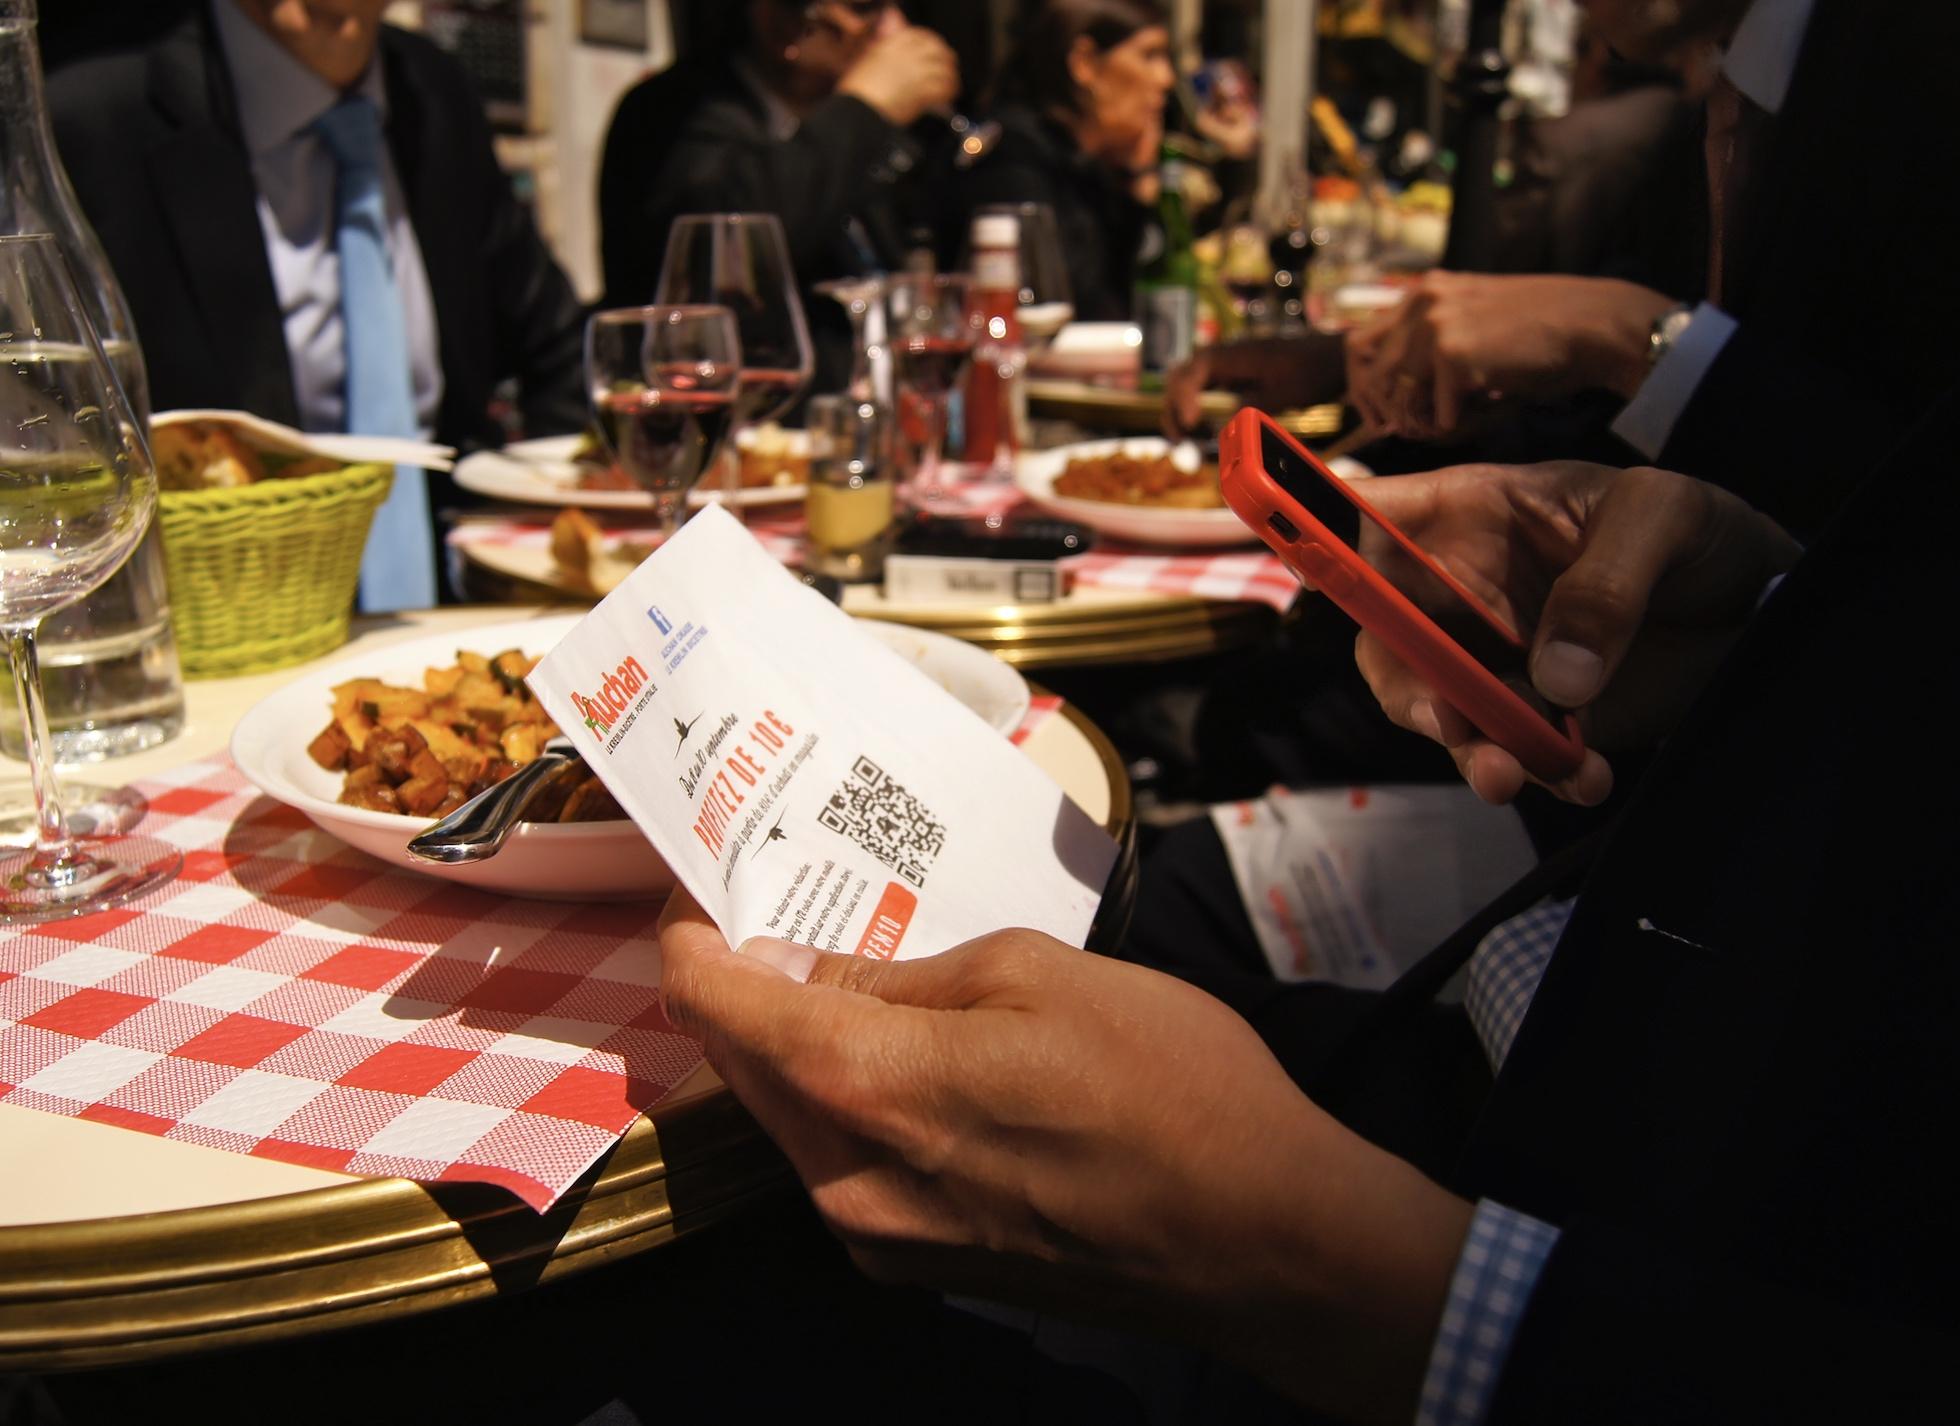 Serviette de table publicitaire, support tactique - Média tactique - Keemia Nantes Agence marketing local en région Atlantique